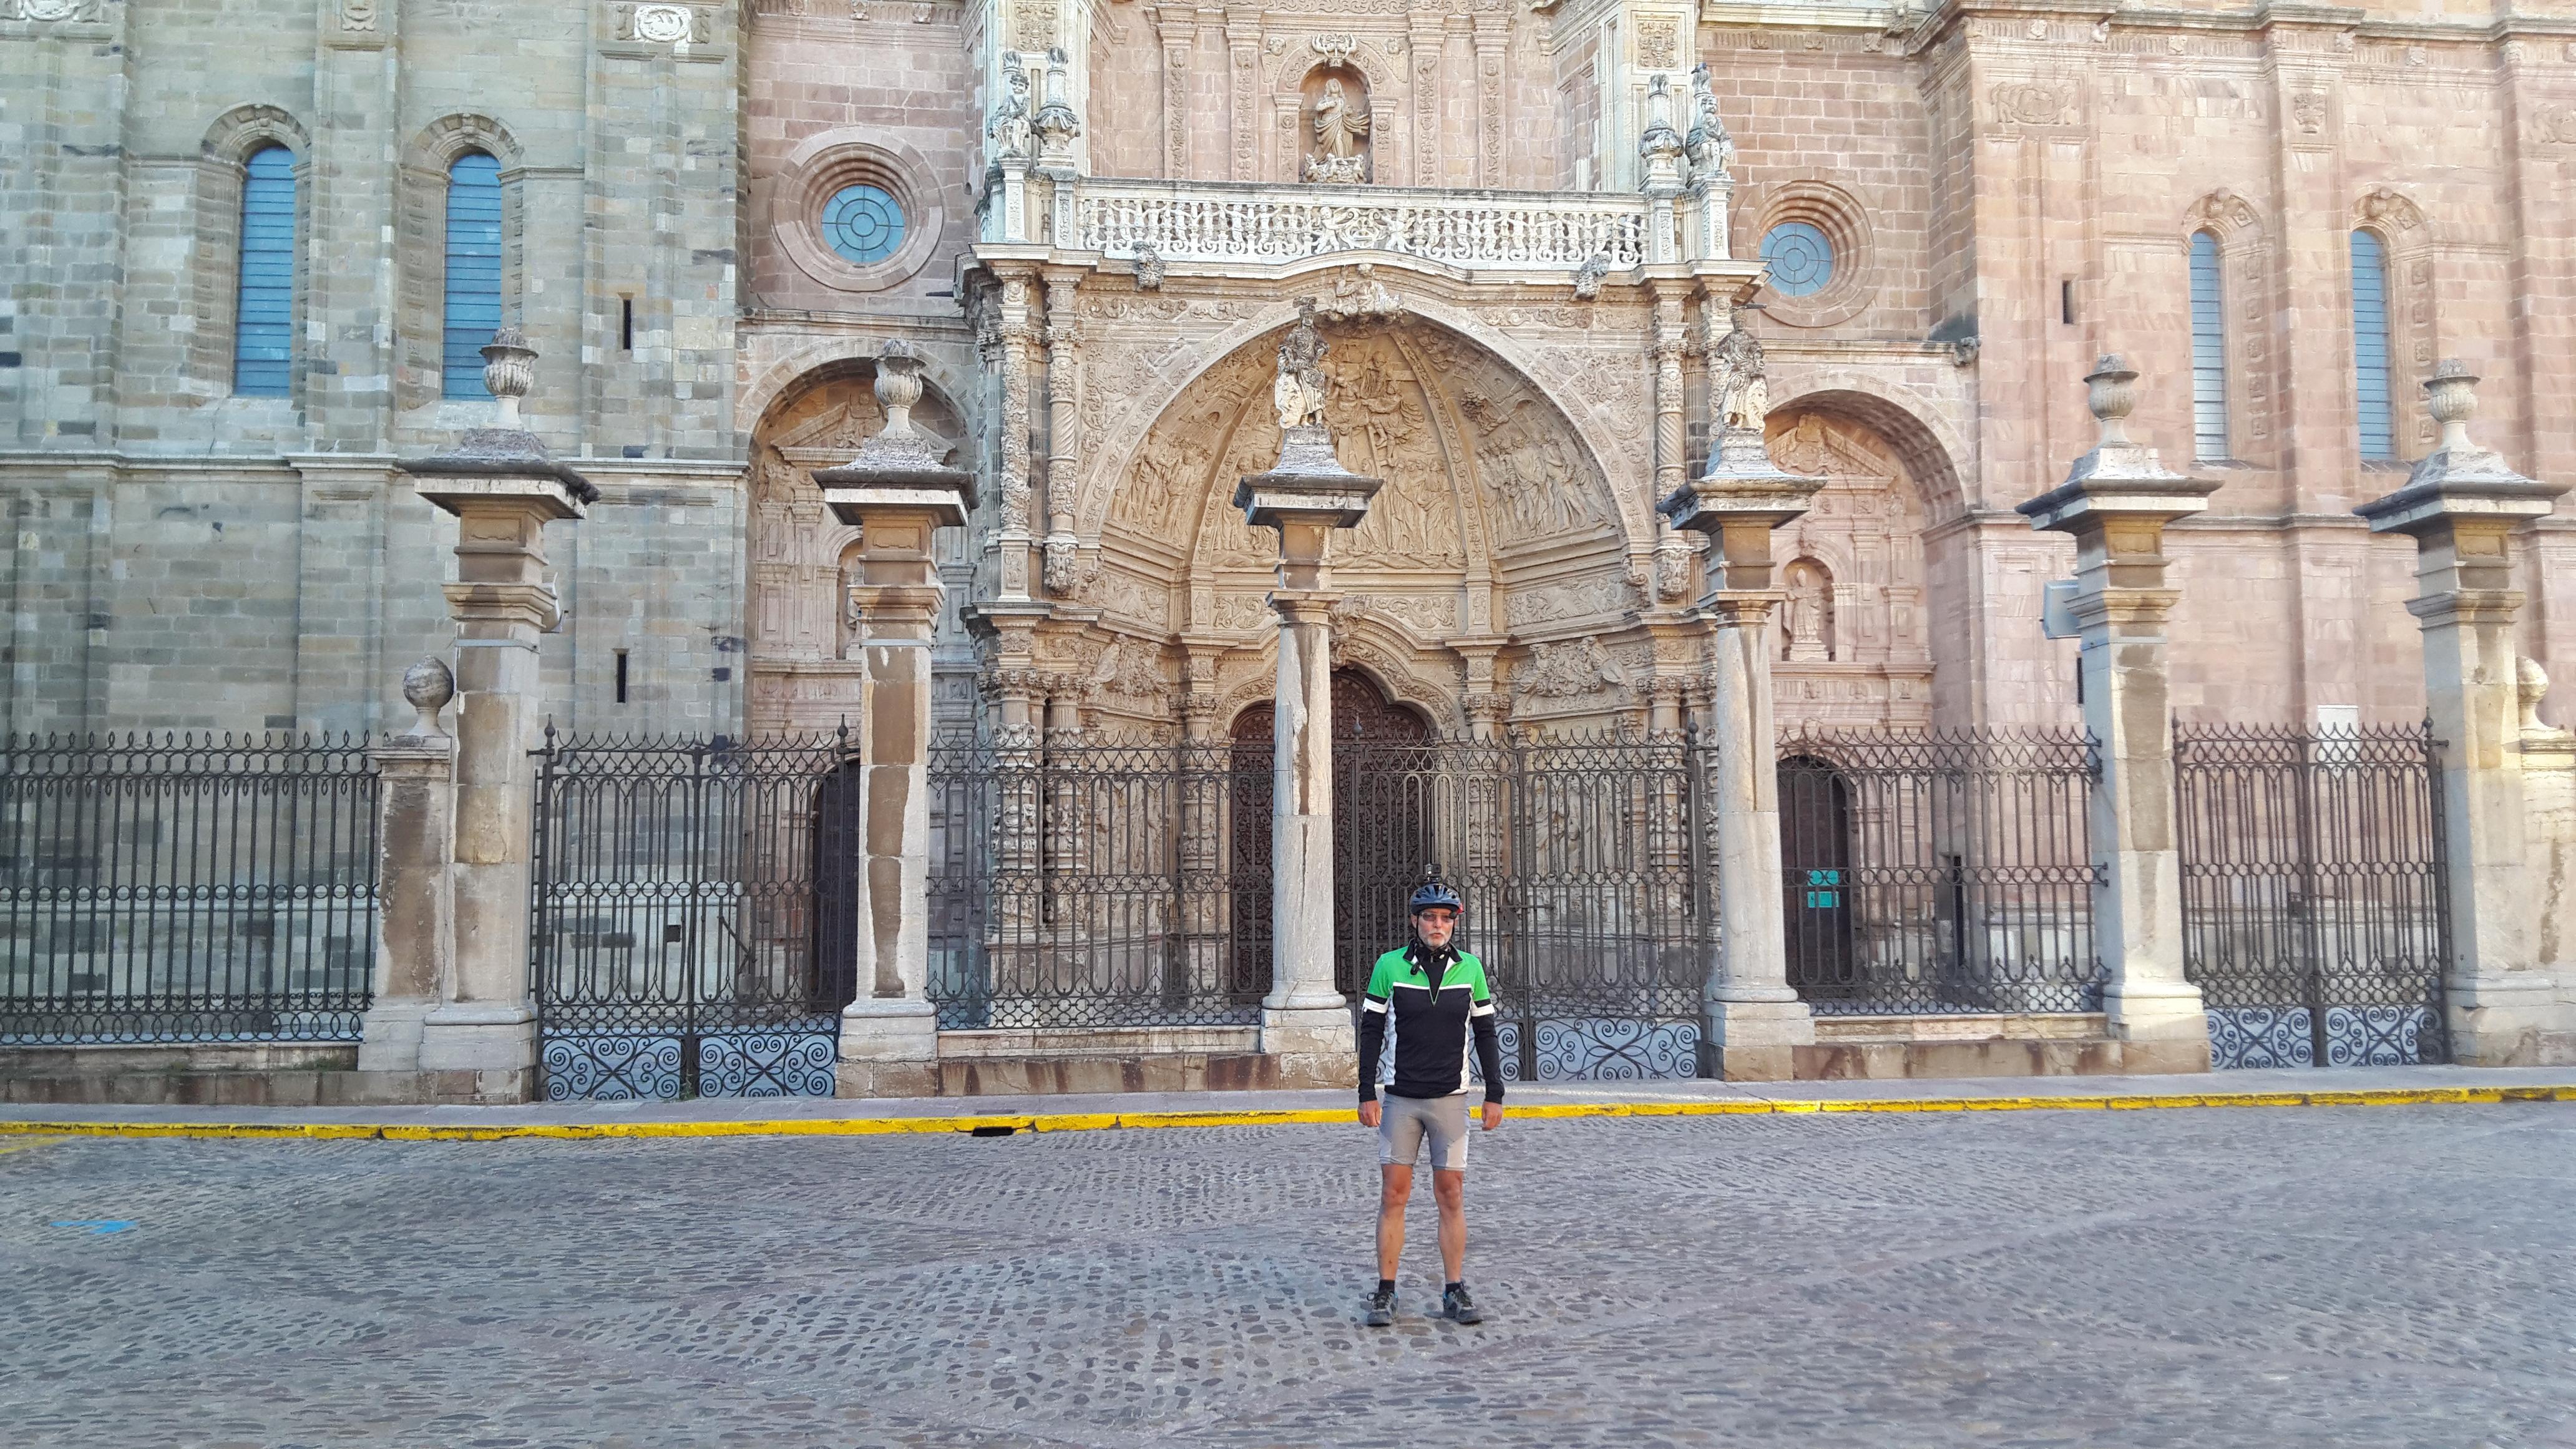 Astorga Cathedral of Santa María